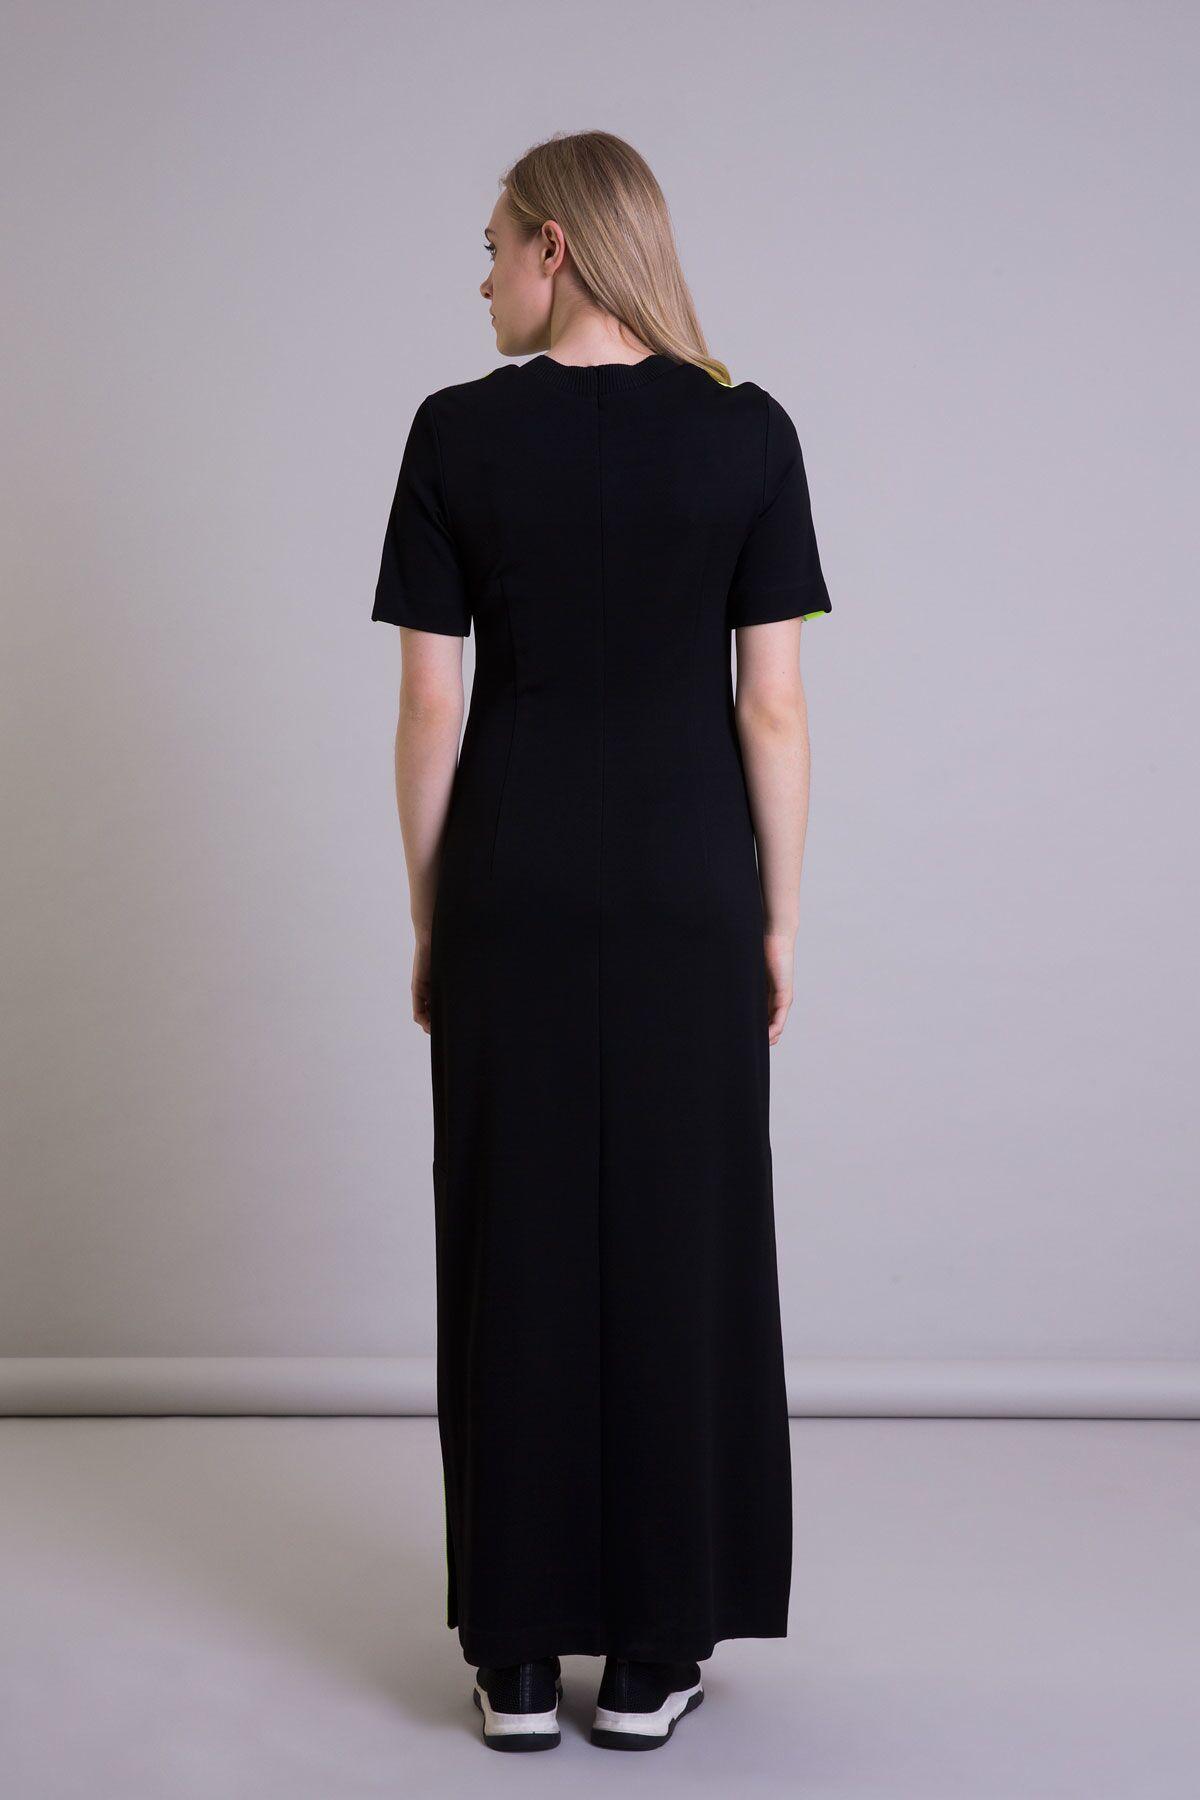 Neon Şerit Detaylı Yırtmaçlı Siyah Uzun Elbise